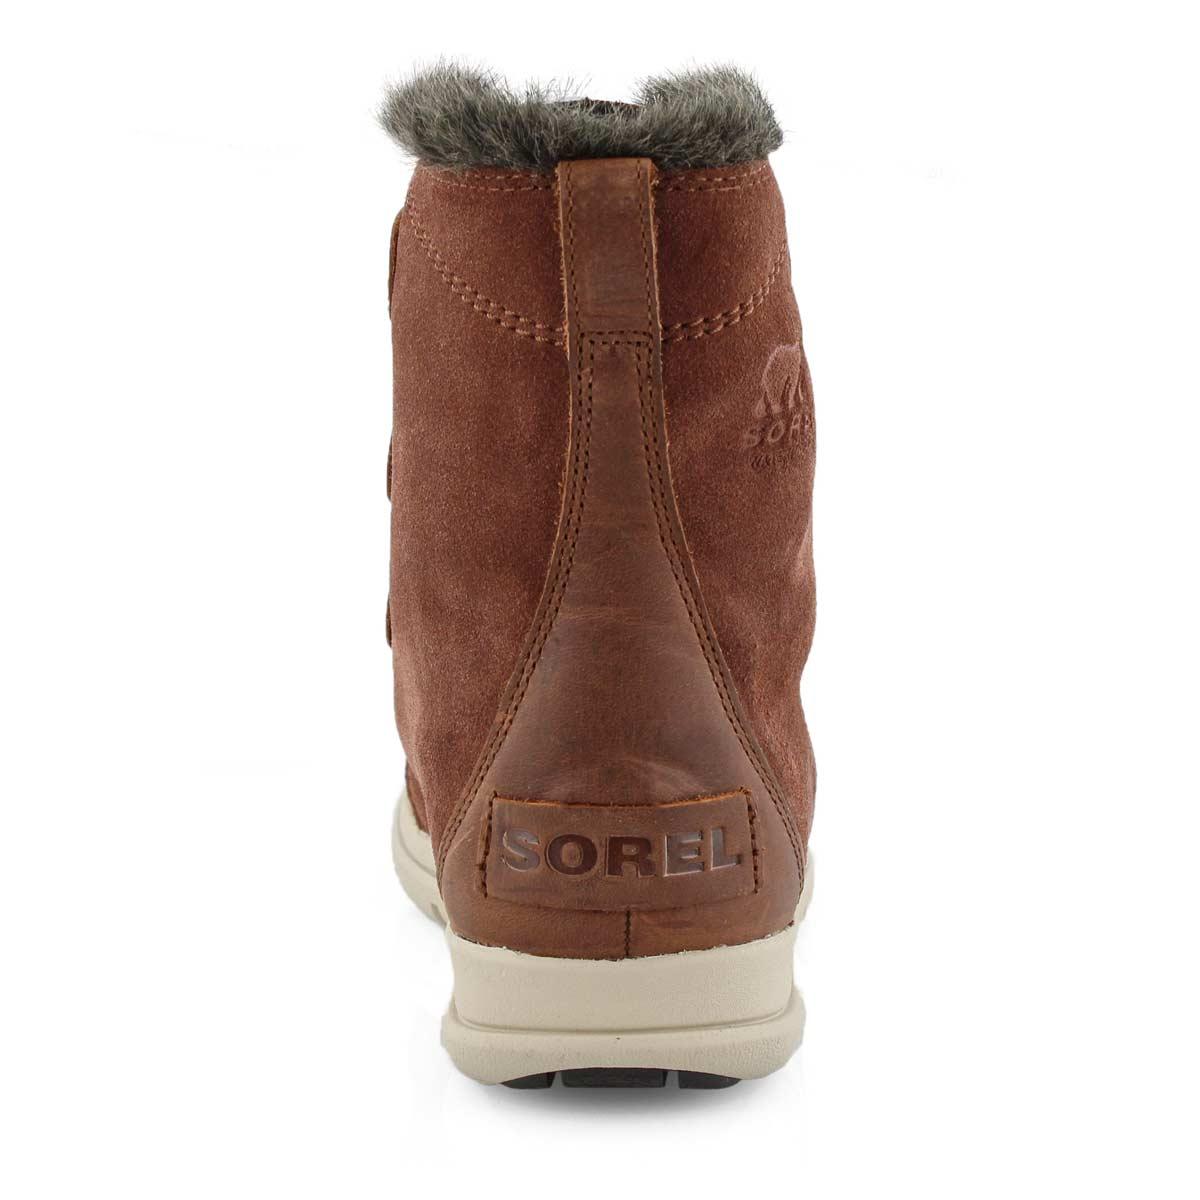 Lds Explorer Joan burro wtrpf boot